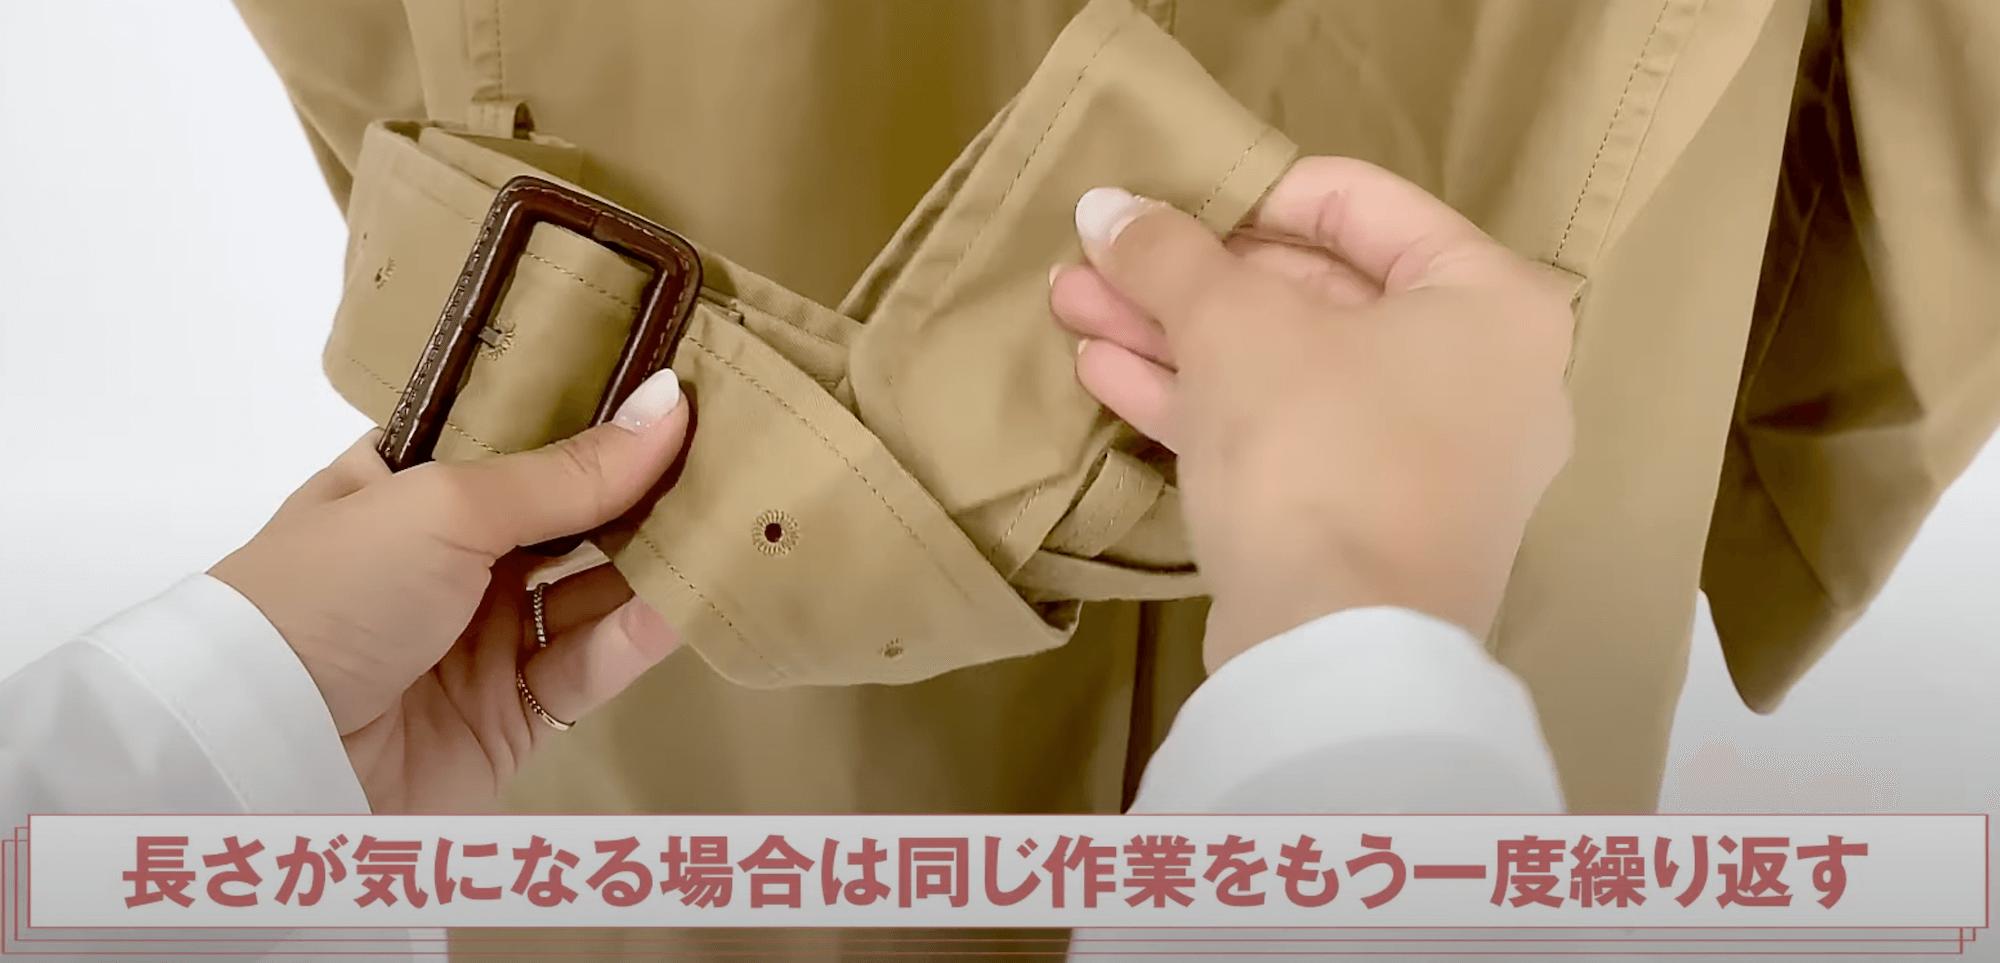 ワンタールの結びの順番⑥-②:短くするなら下からベルトを通してバックルのベルト側に上から通して調整